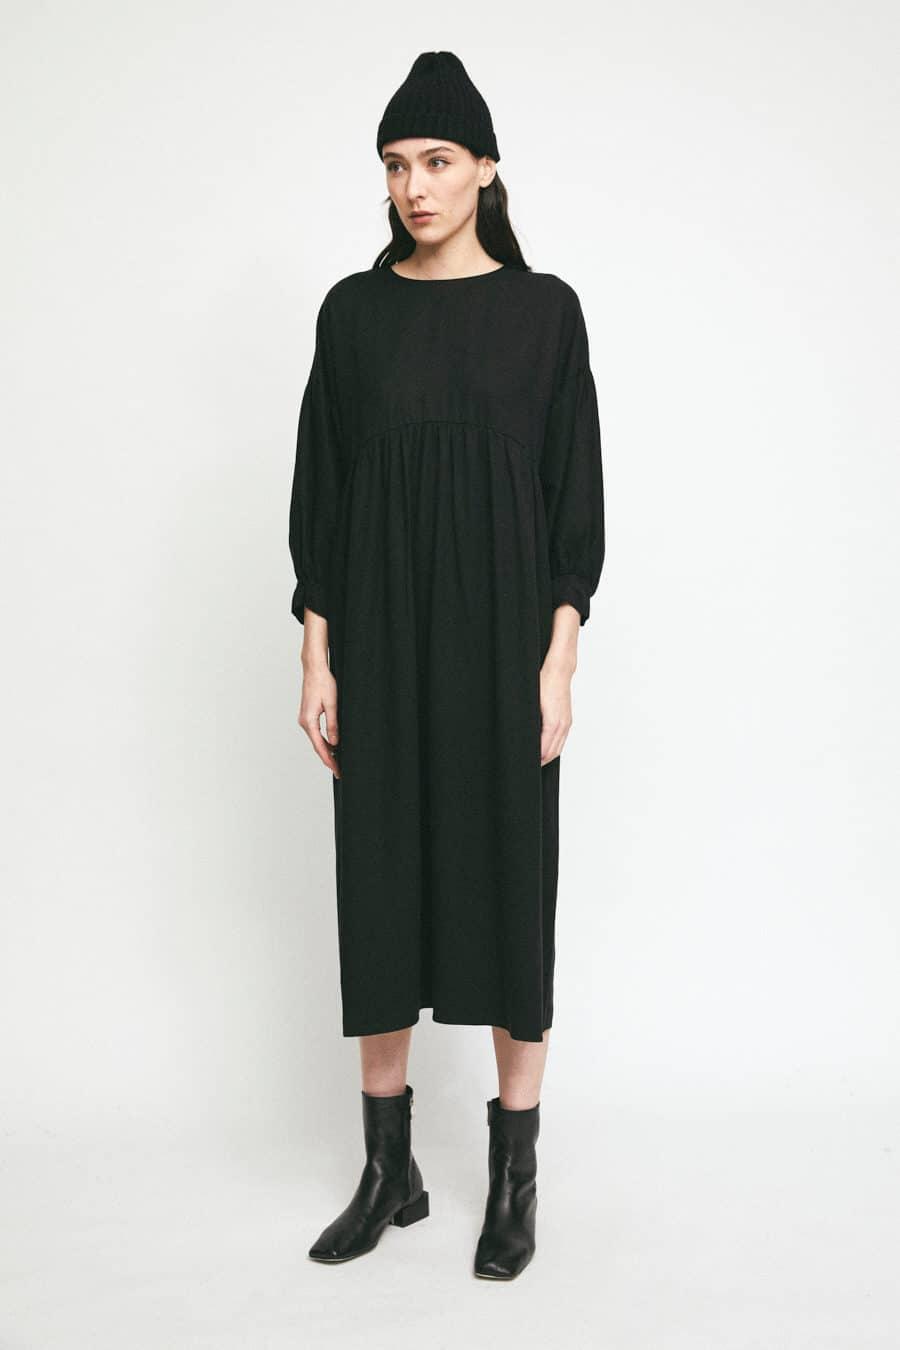 RITA ROW - Selva Dress -